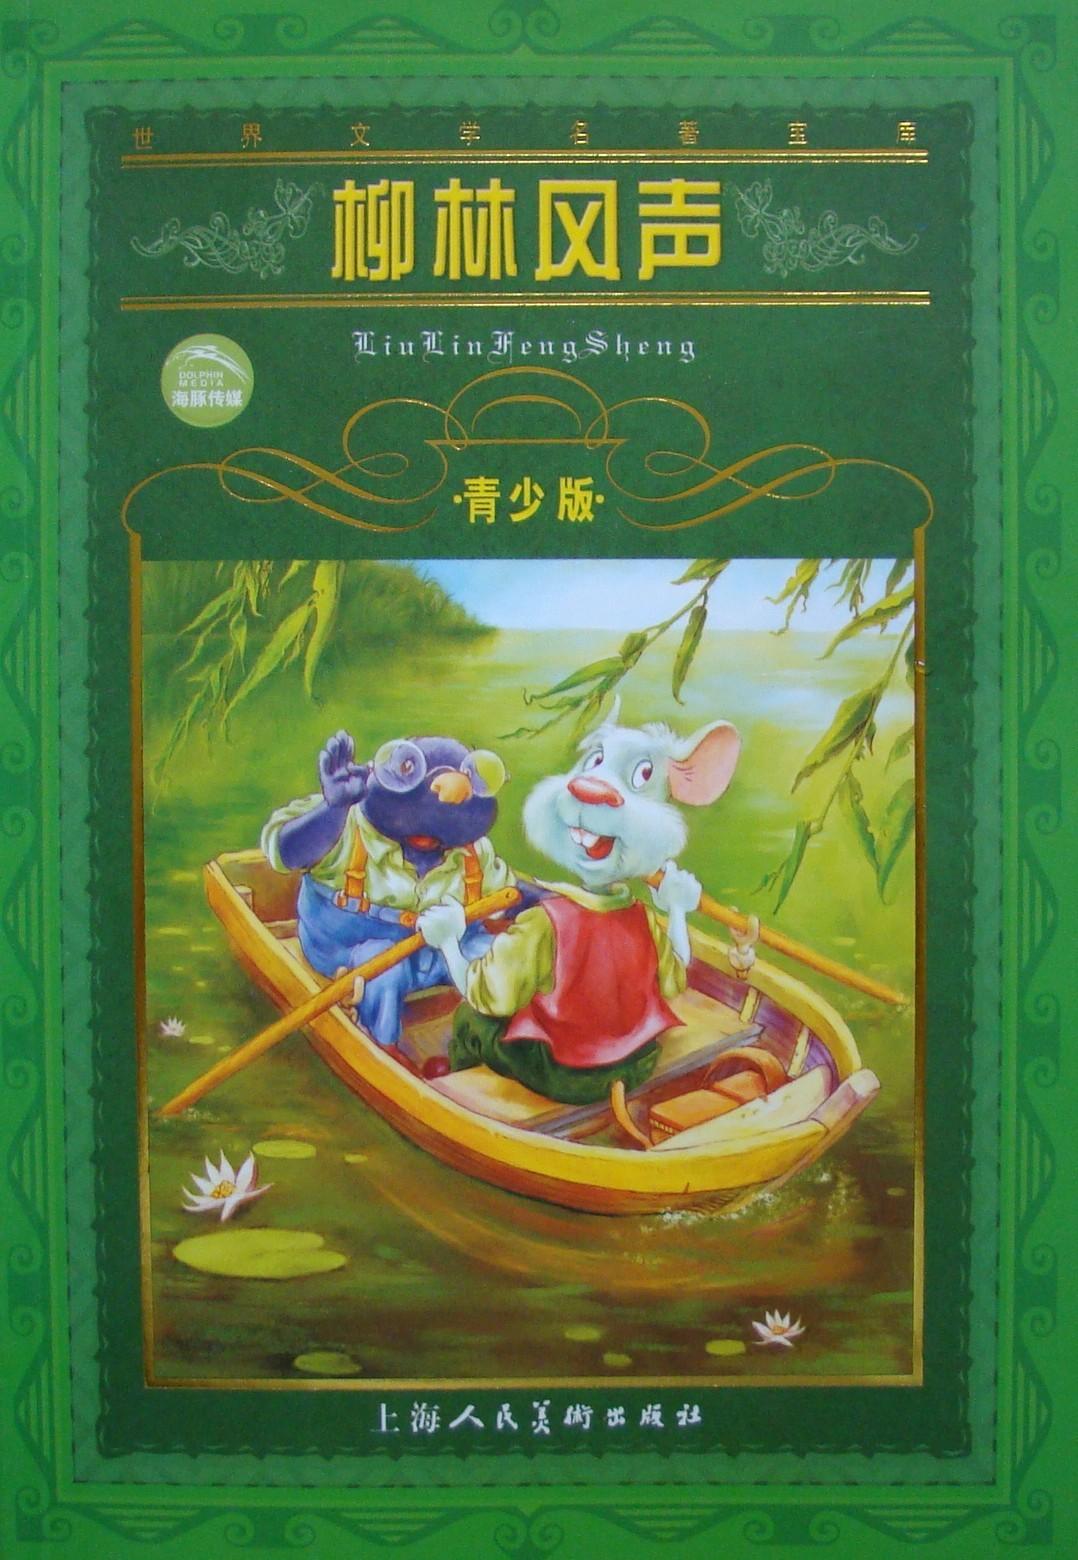 读柳林风声后感_正版《柳林风声》少儿童书籍畅销书 小学生课外书必读物 上海人美